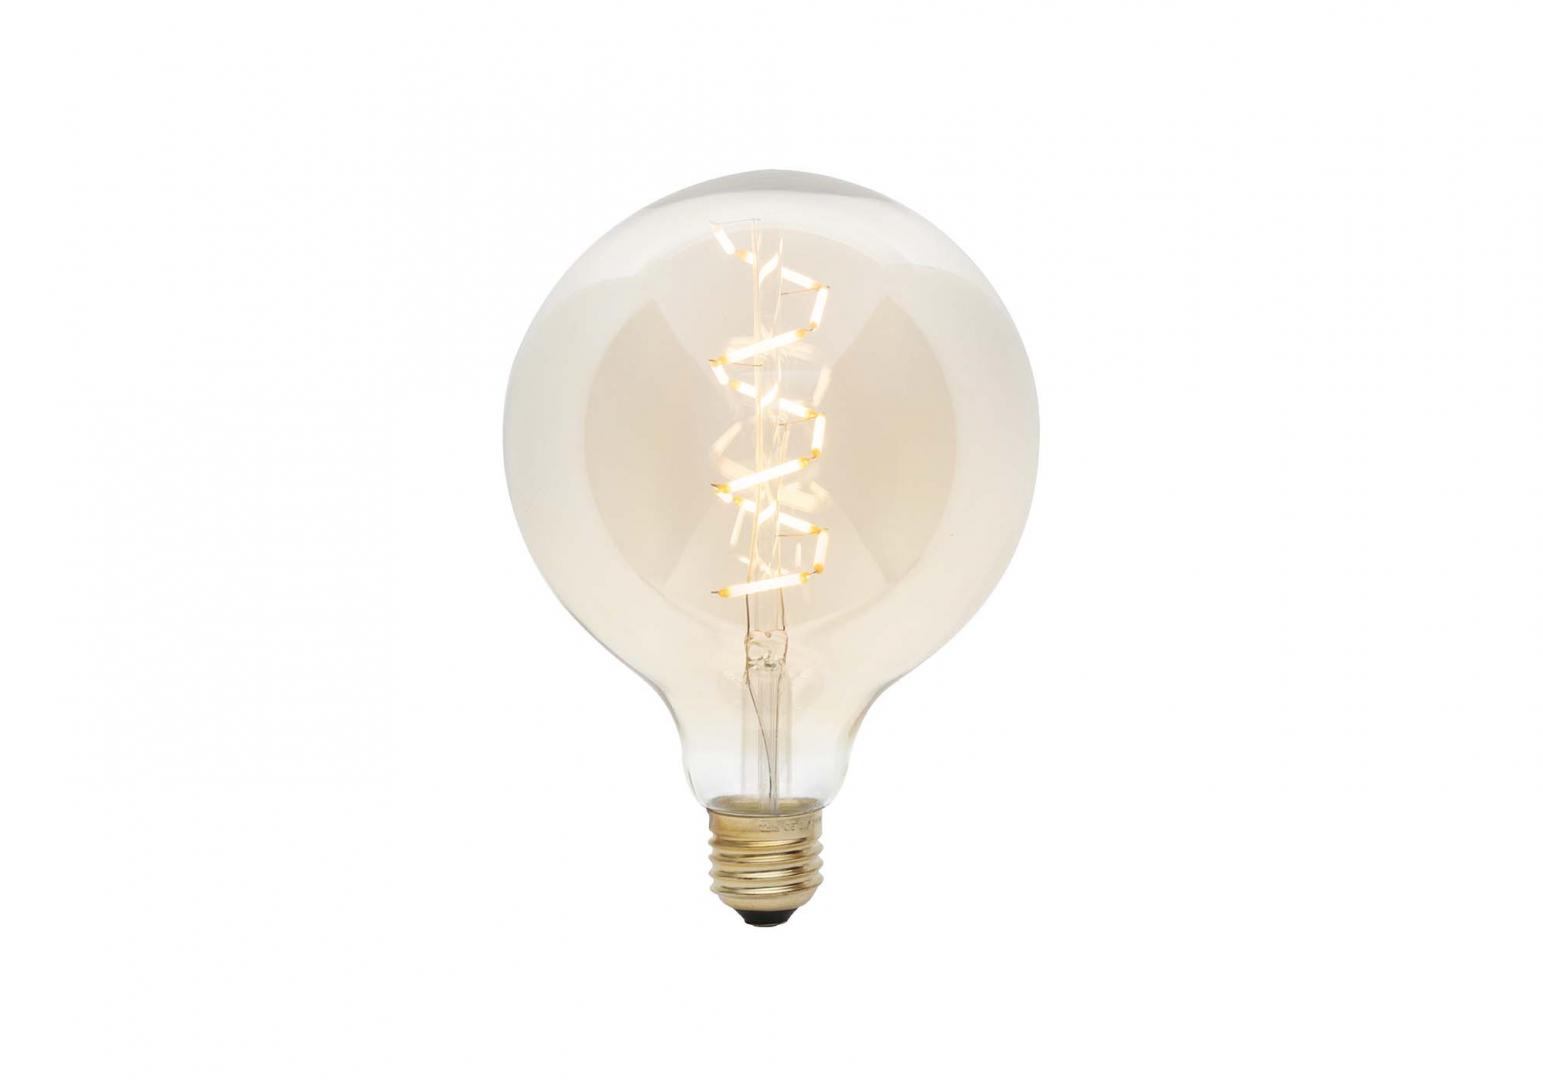 Ampoule Zion 6 watt - TALALED